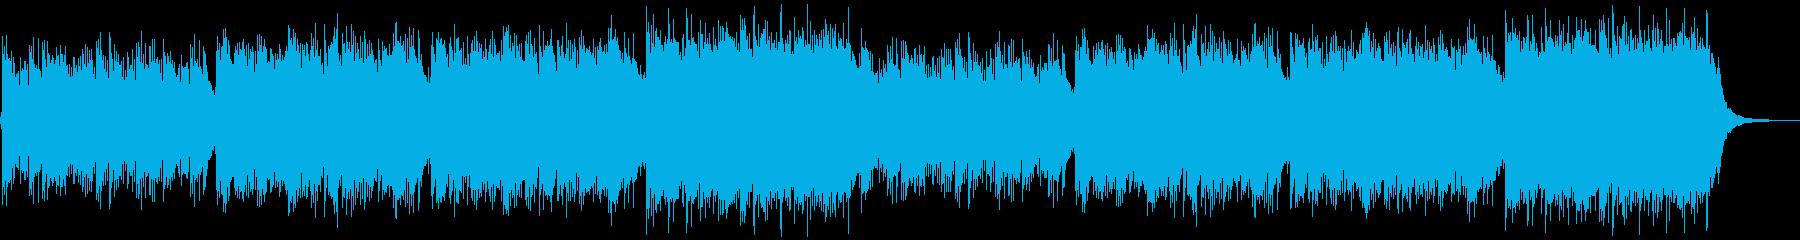 企業VP映像、154オーケストラ、爽快Lの再生済みの波形